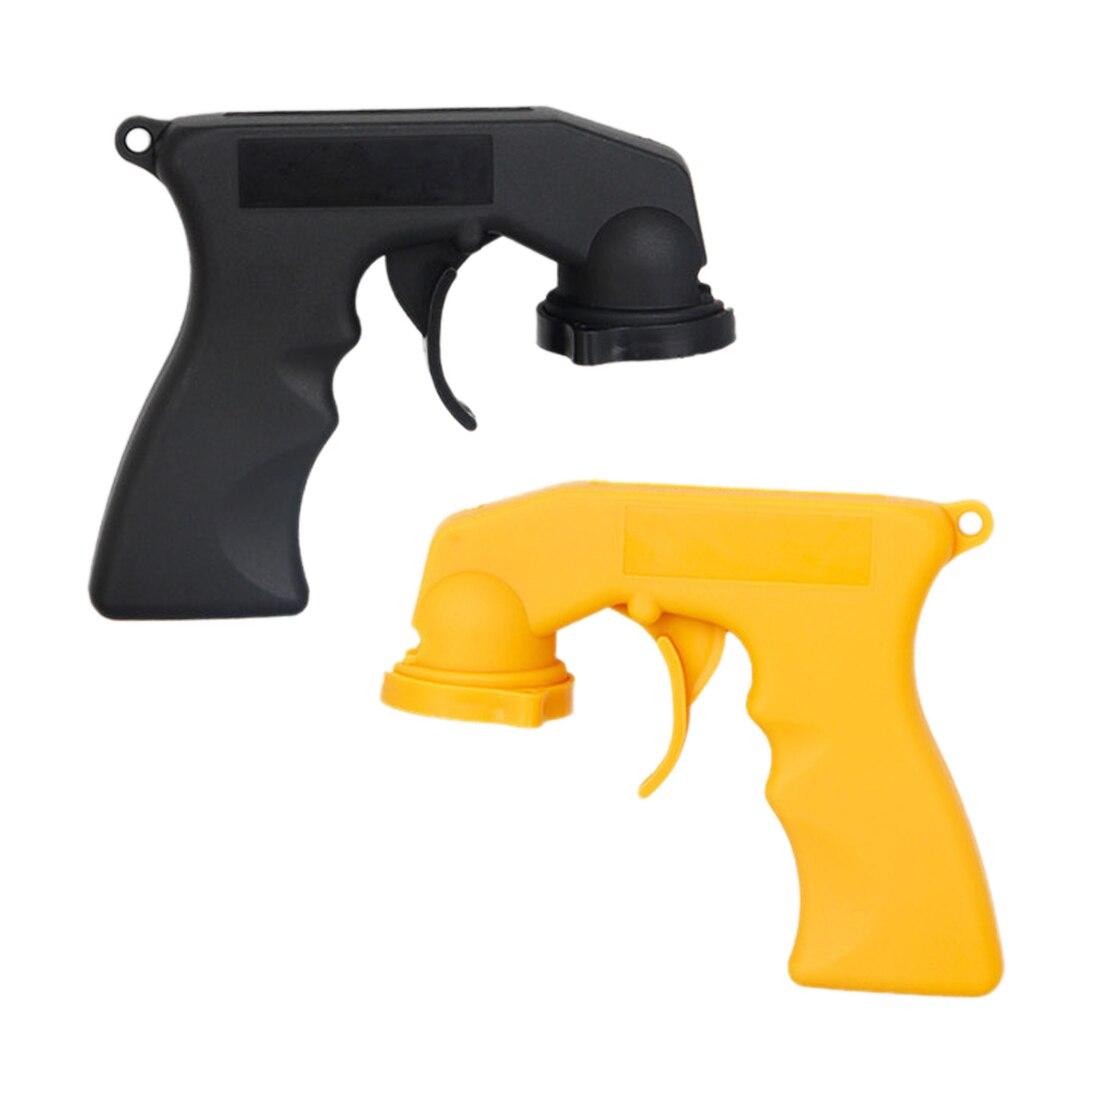 BU Bauty High quality Spray Adaptor Aerosol Spray Gun Handle With Full Grip Trigger Locking Collar